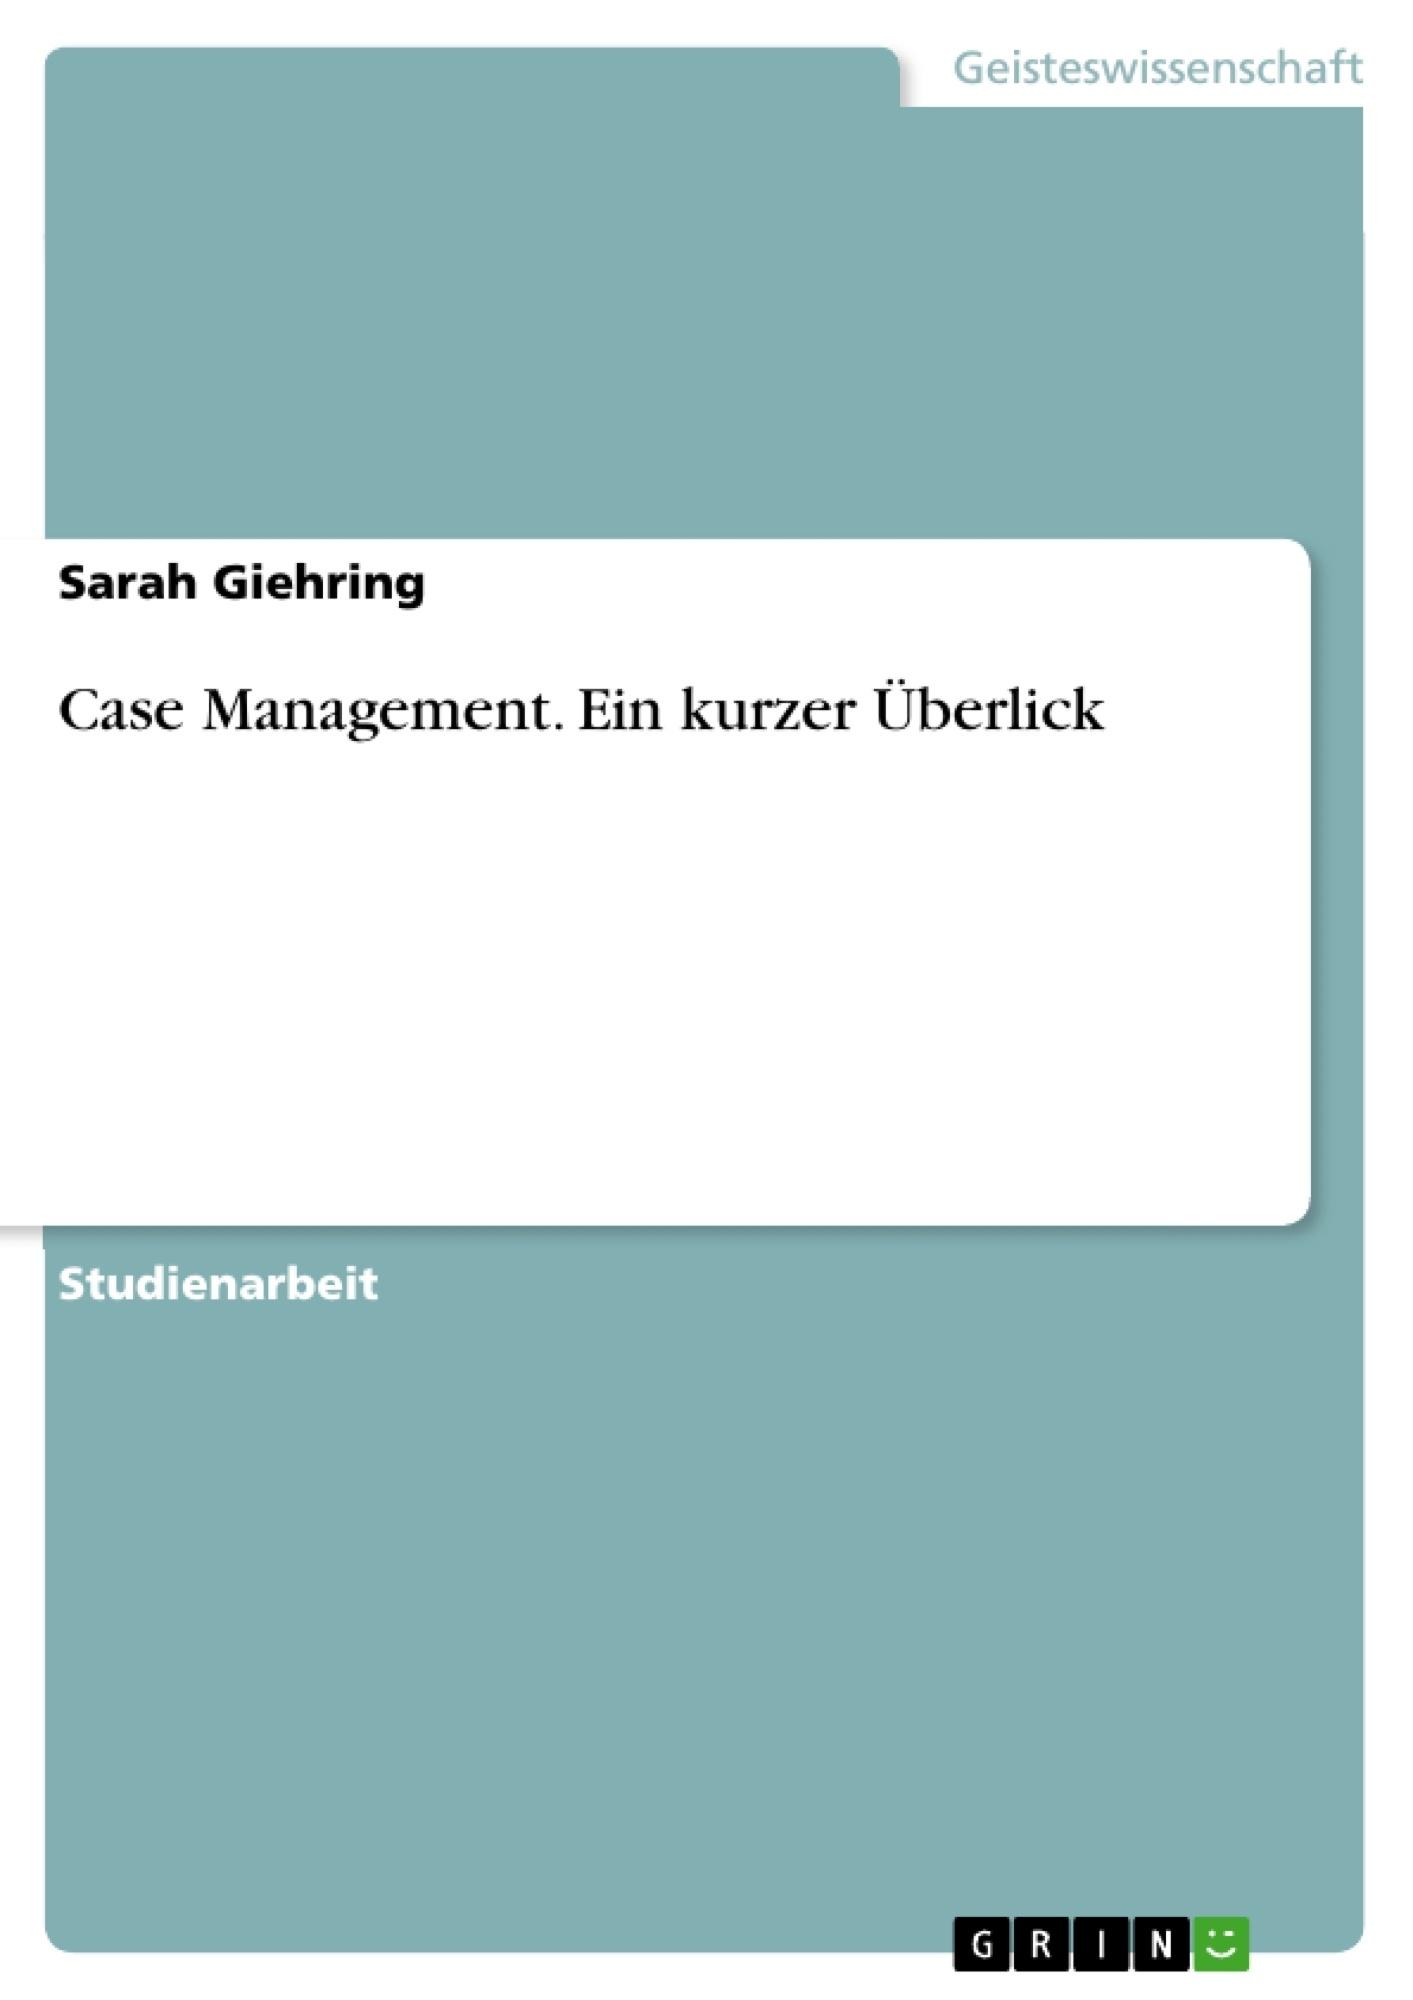 Titel: Case Management. Ein kurzer Überlick